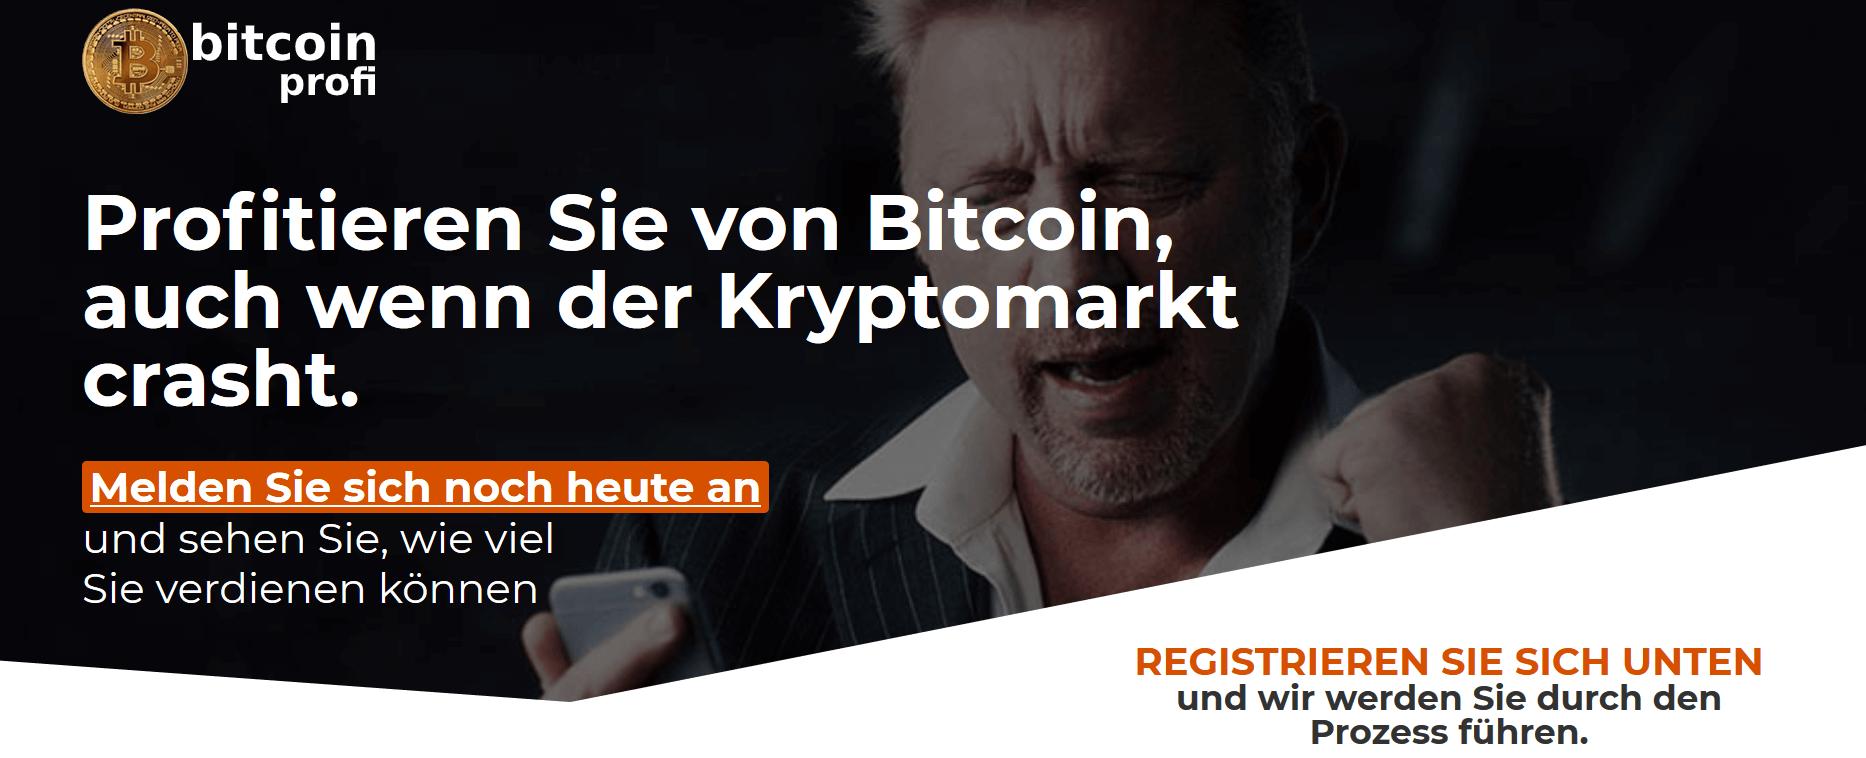 kiplingers kryptowährung, in die investiert werden soll wie viel verdienen sie mit der investition in bitcoin?